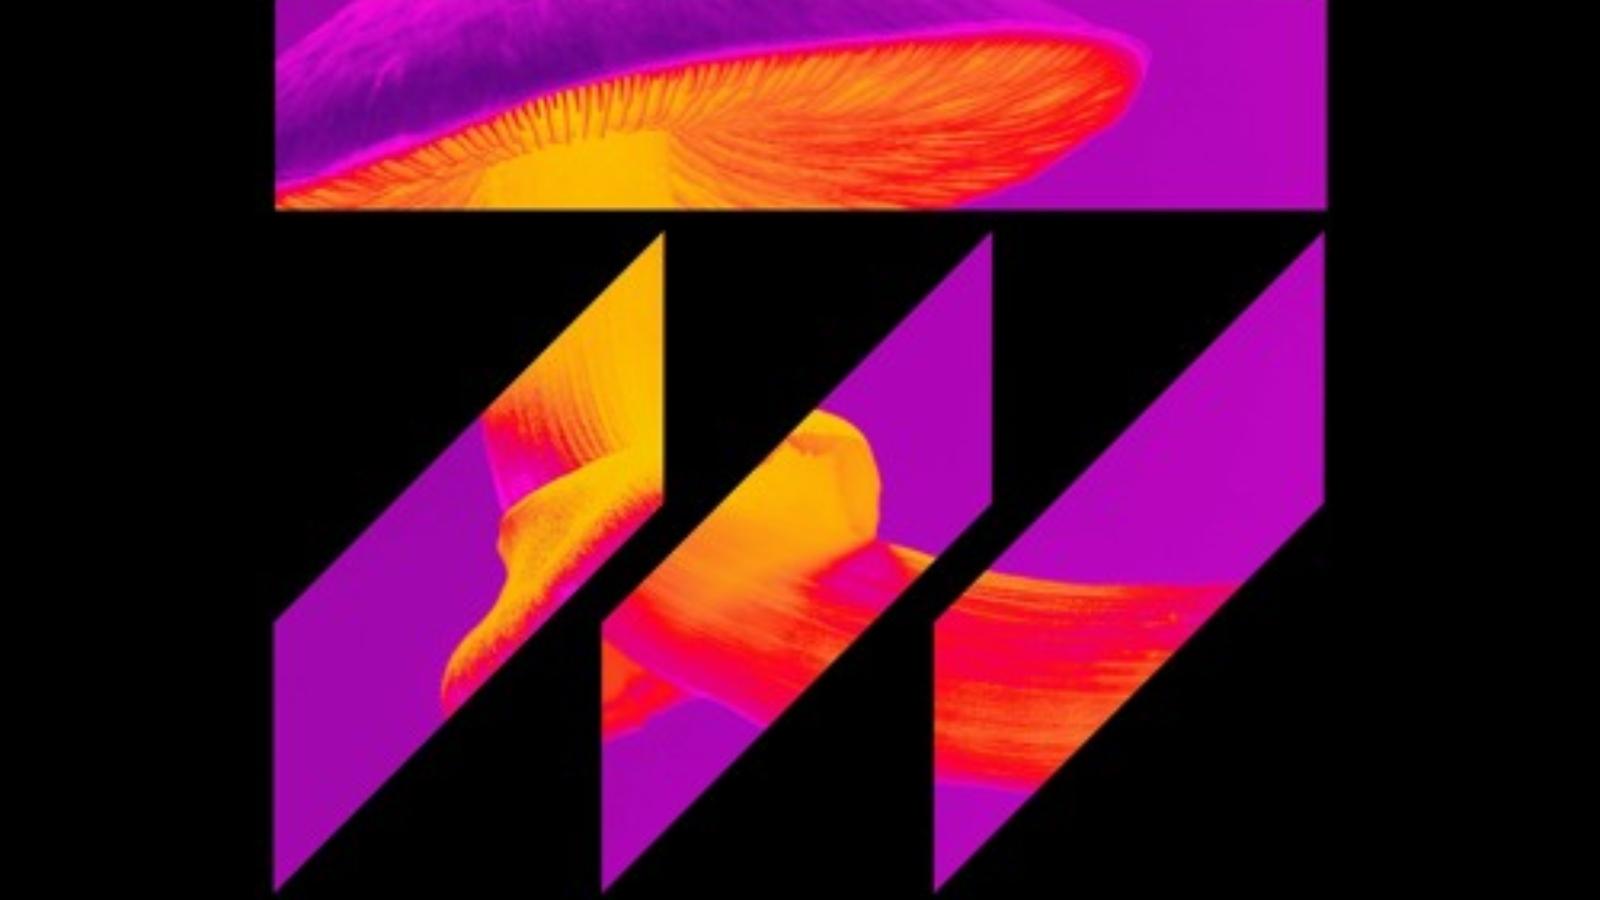 artworks-zP7lDaydXRps05yI-S3uPYA-t500x500